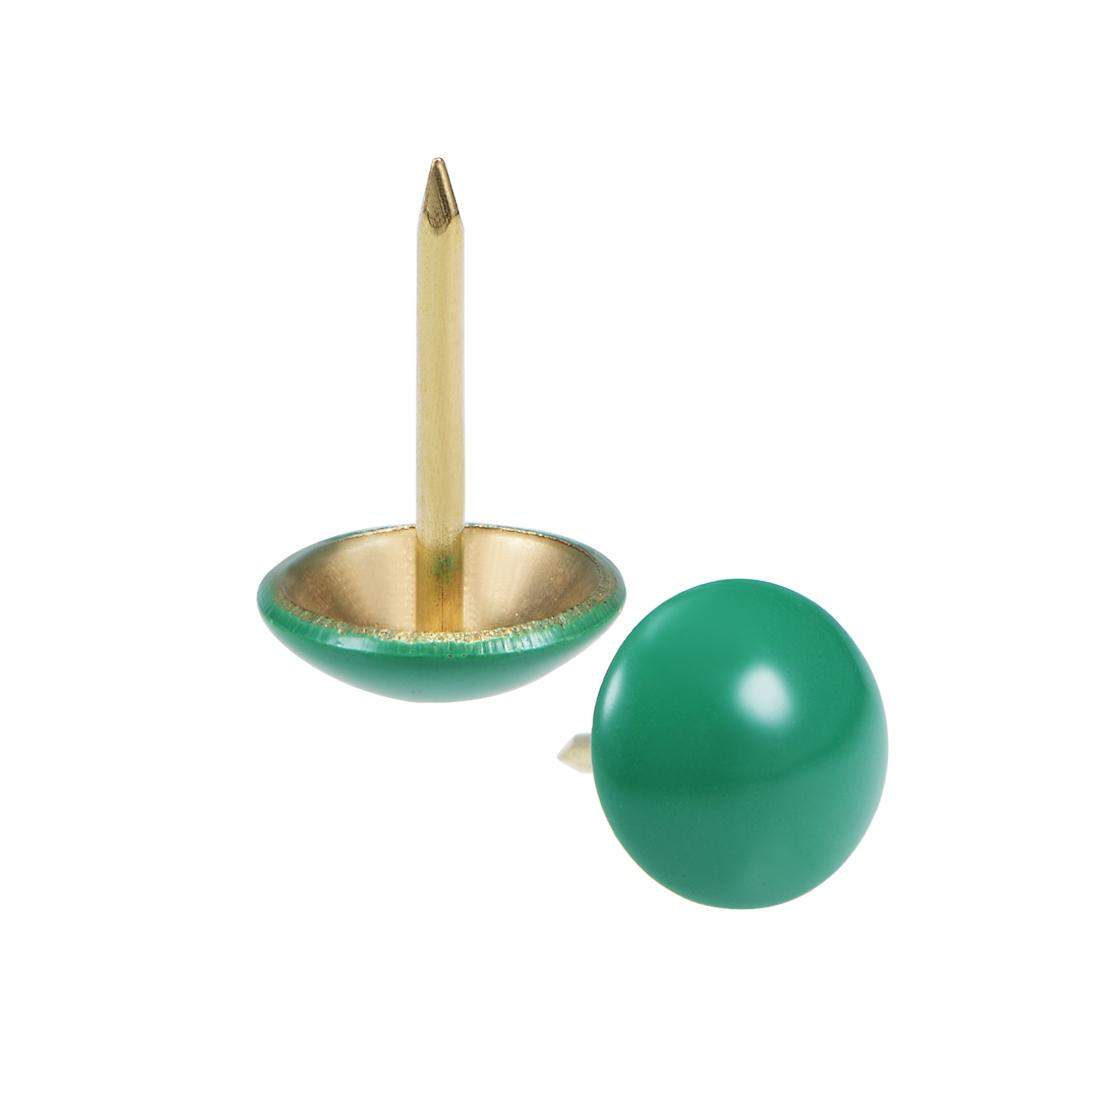 Upholstery Nails Tacks 11mm Green Round Head 17mm Length Thumb Push Pins 50 Pcs